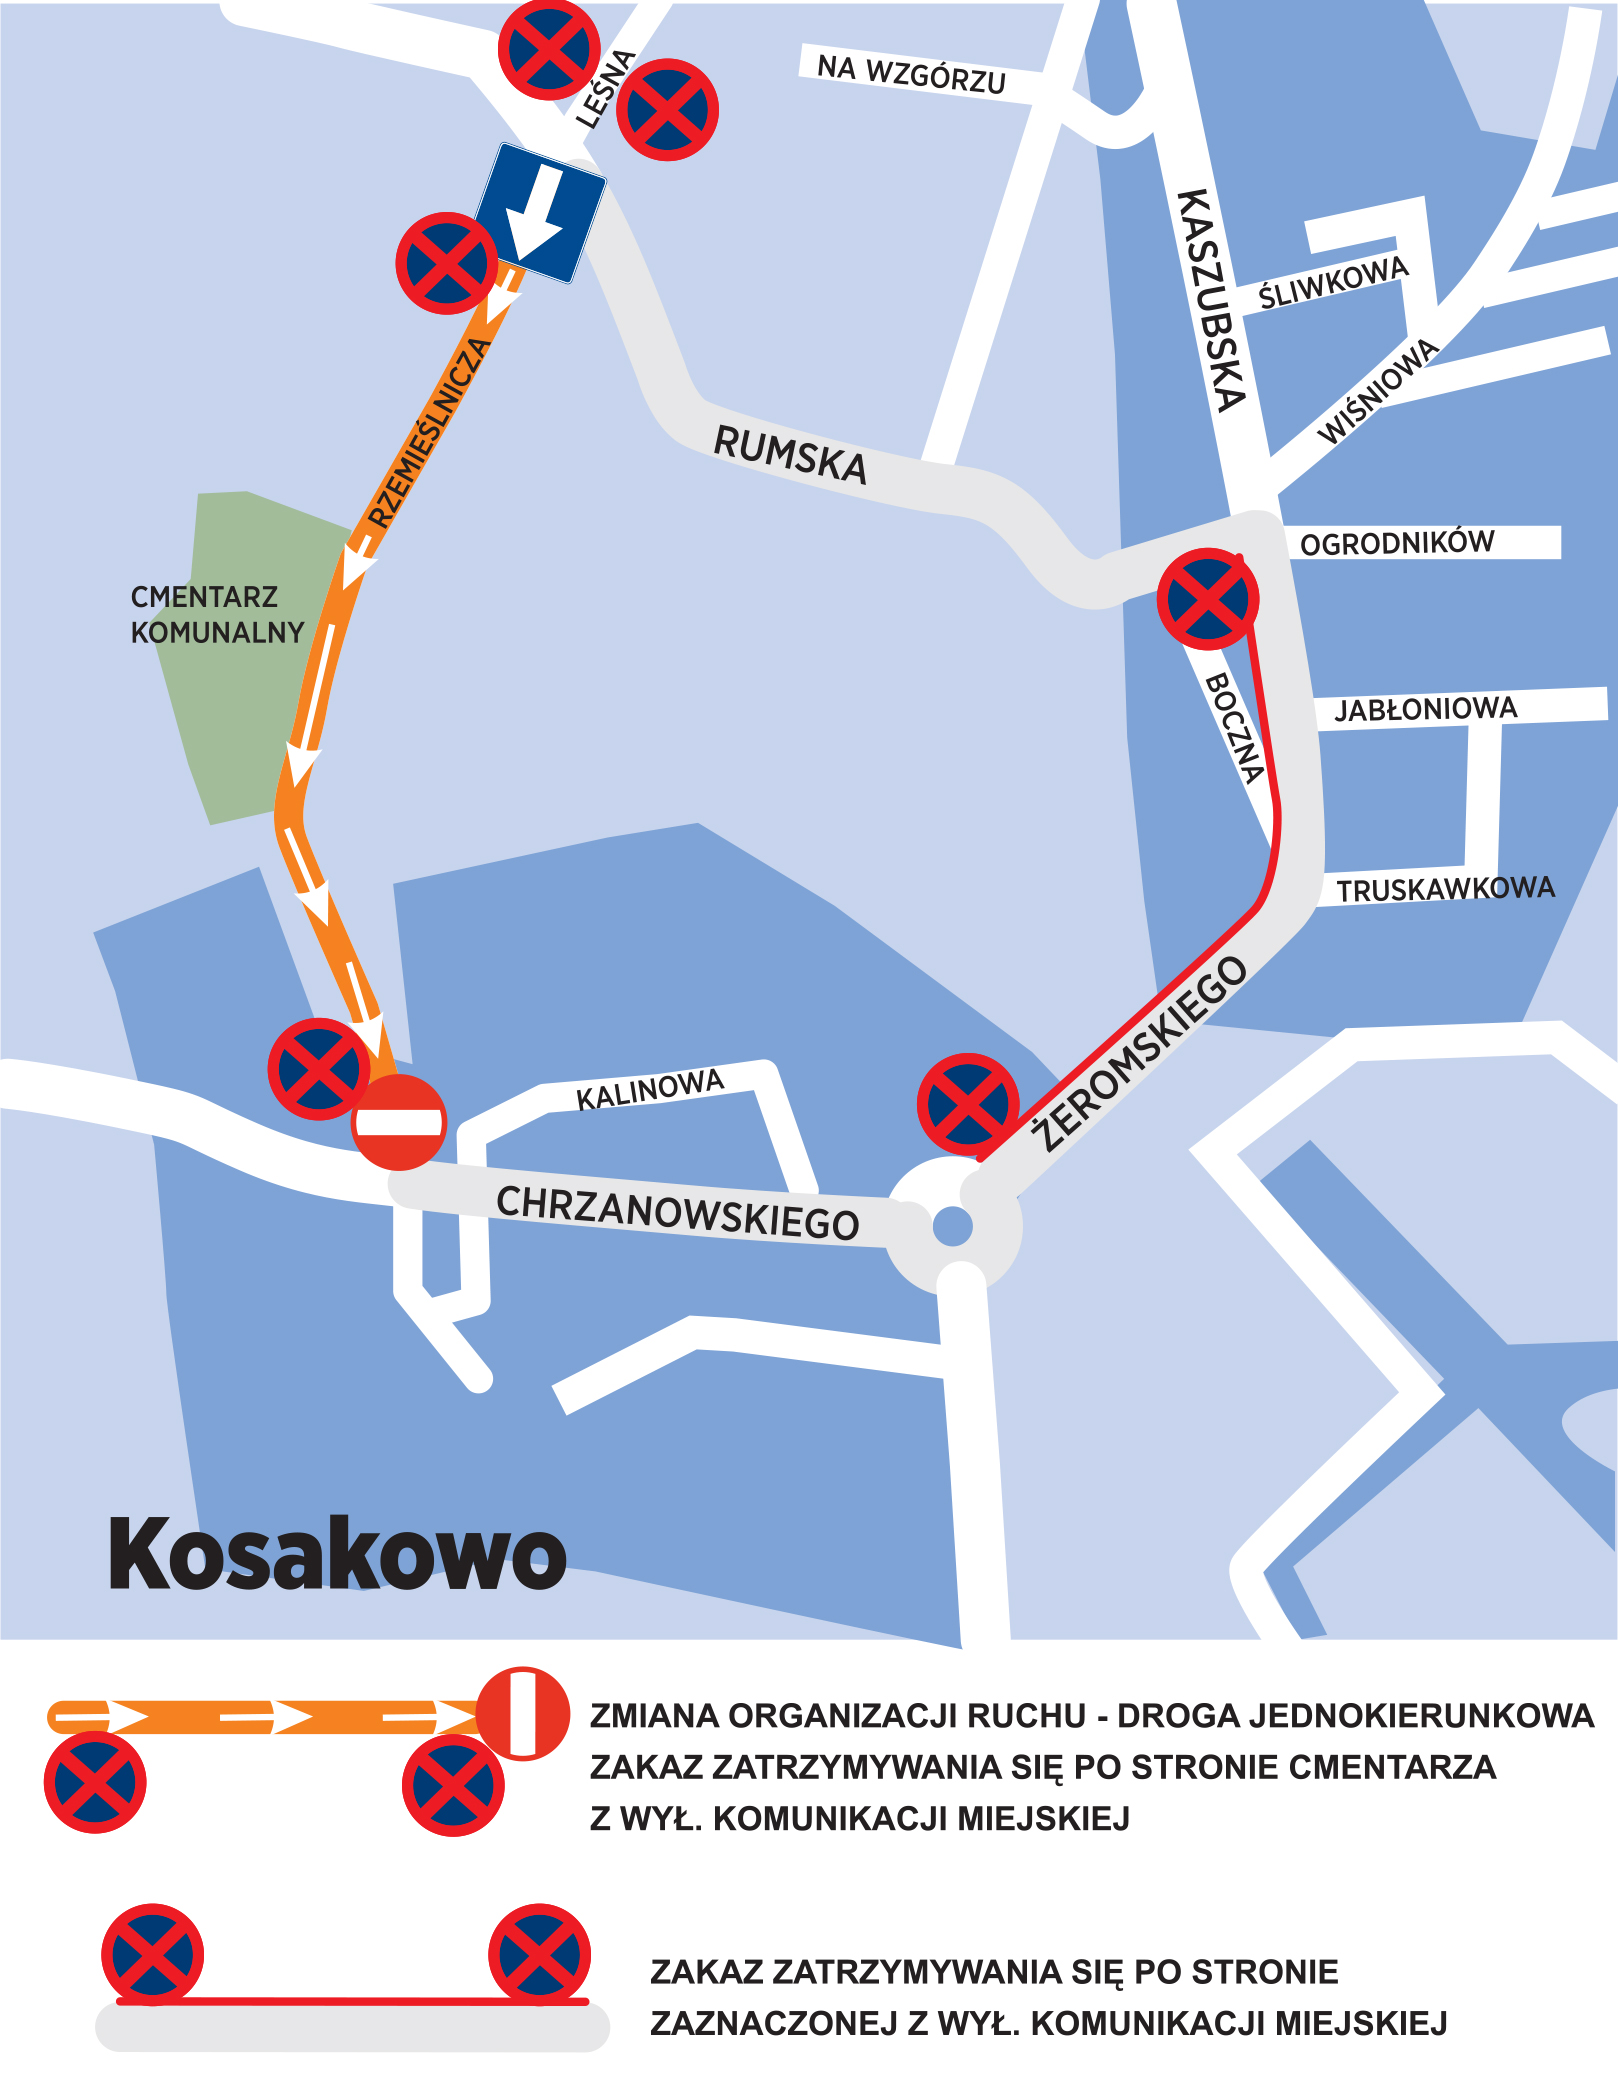 grafika przedstawia zmiany w organizacji ruchu w rejonie cmentarza Kosakowo